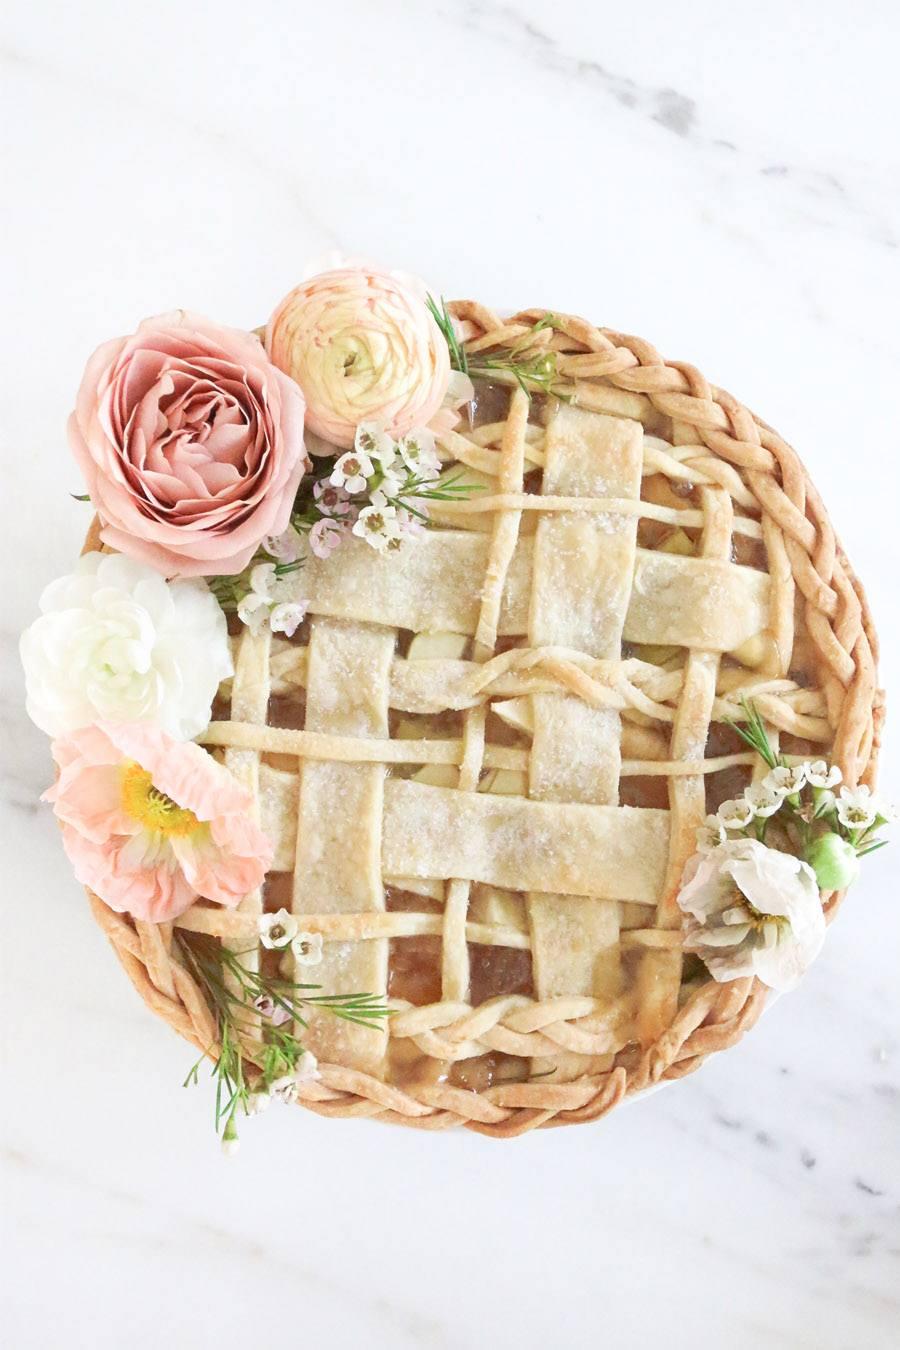 TARTA DE MANZANA CON FLORES boda-tarta-manzana